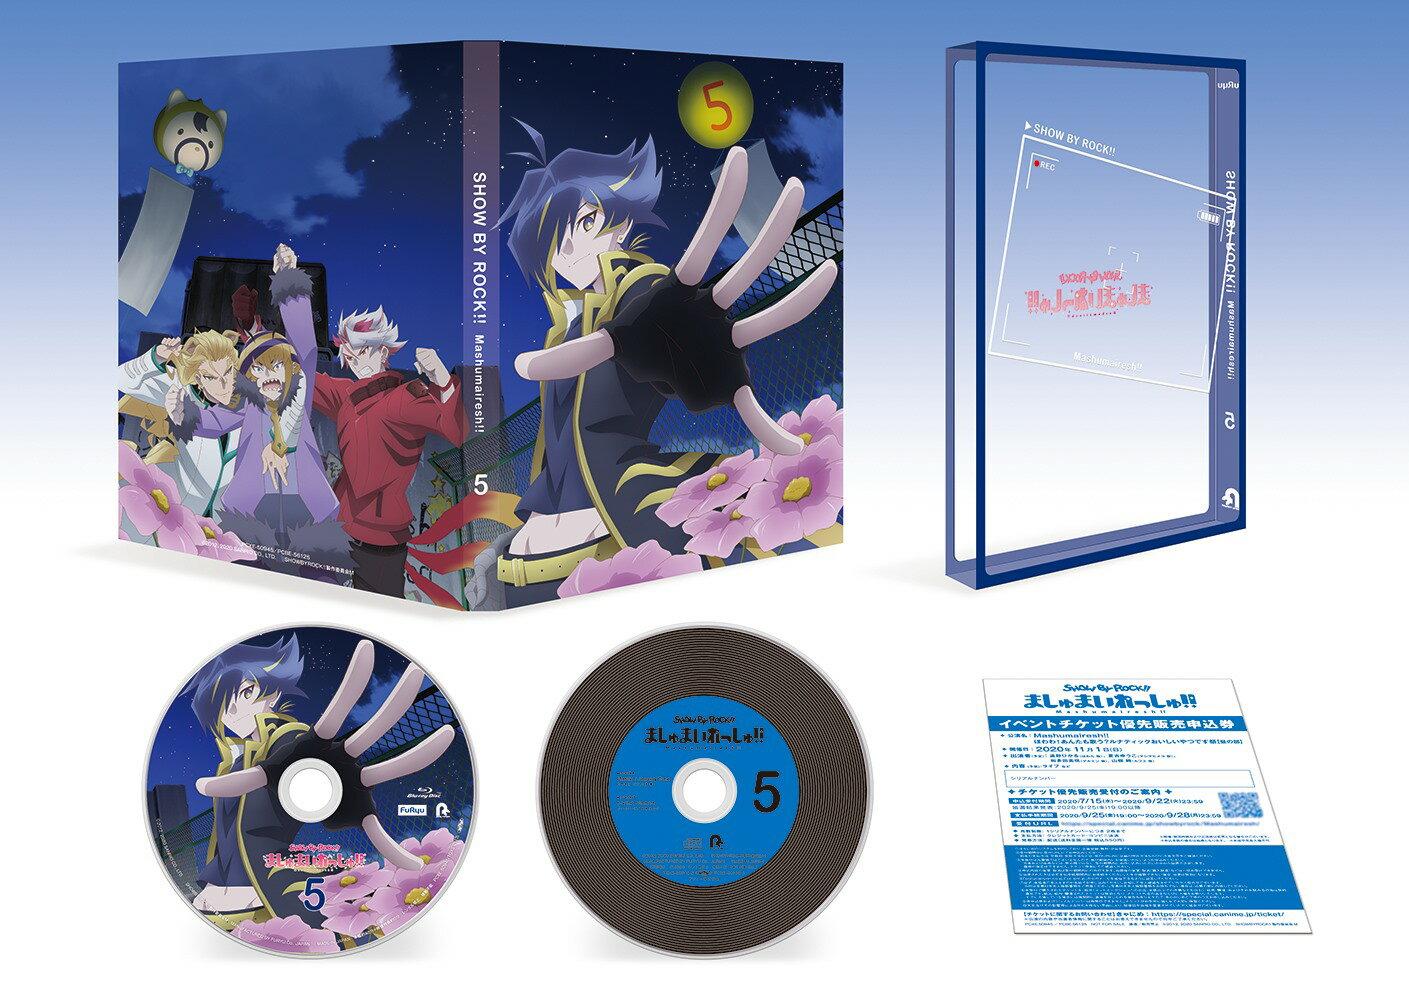 TVアニメ「SHOW BY ROCK!!ましゅまいれっしゅ!!」Blu-ray 第5巻【Blu-ray】画像